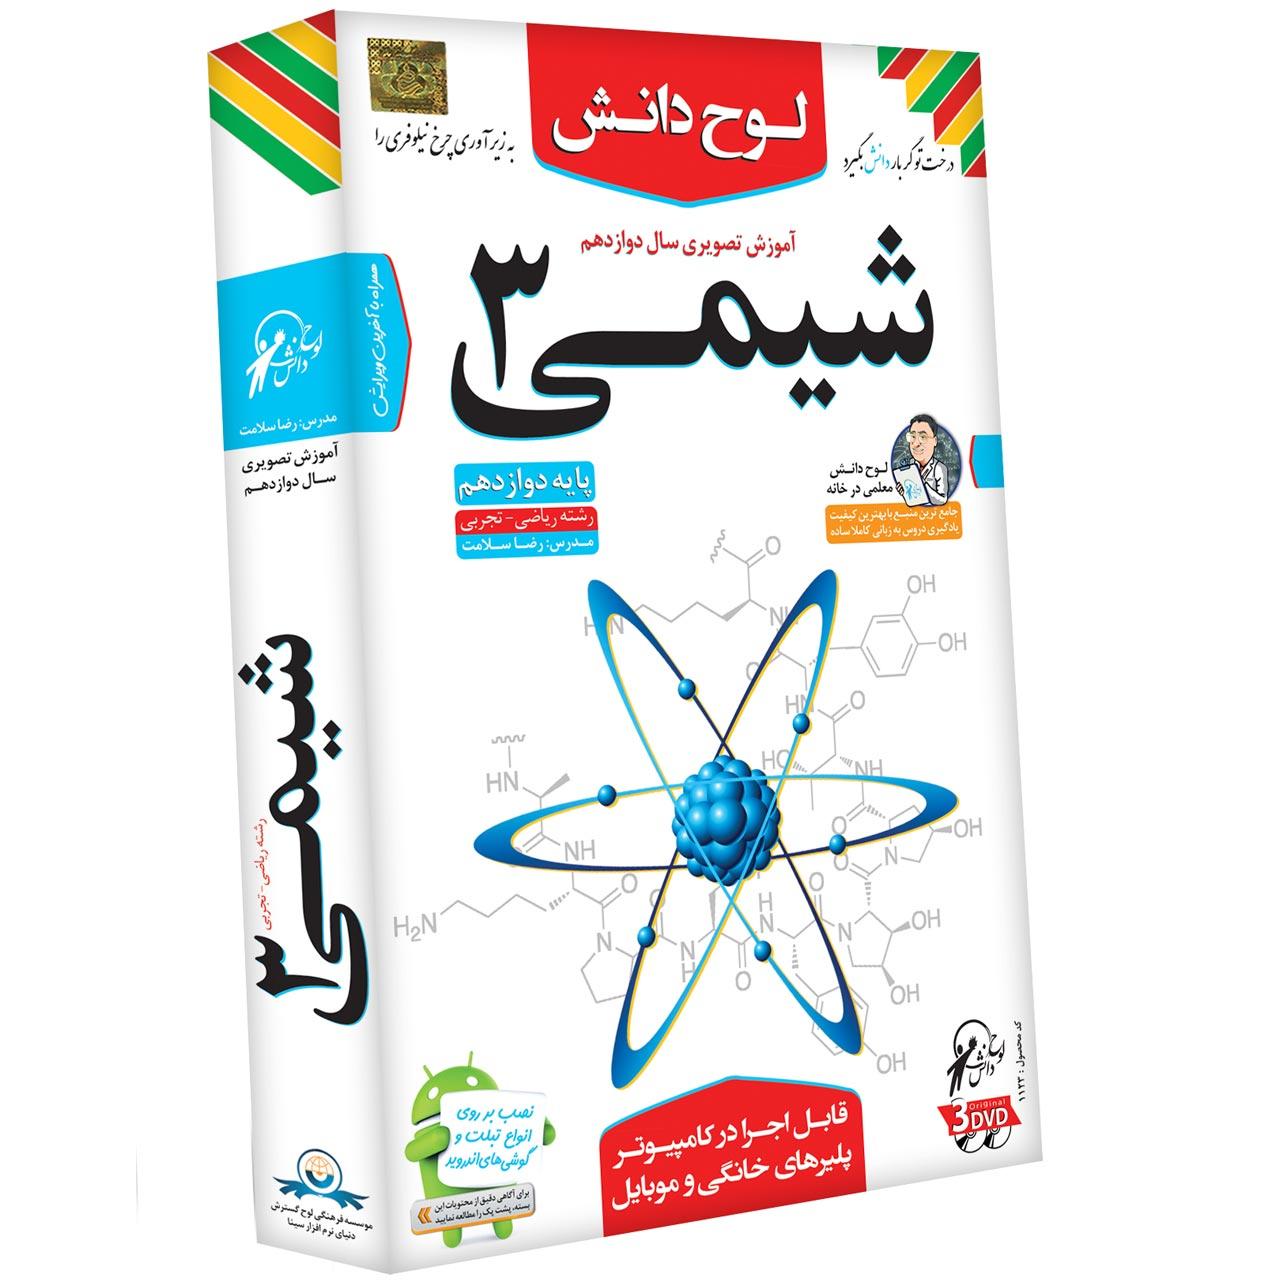 آموزش تصویری شیمی 3 نشر لوح دانش - رشته ریاضی و علوم تجربی